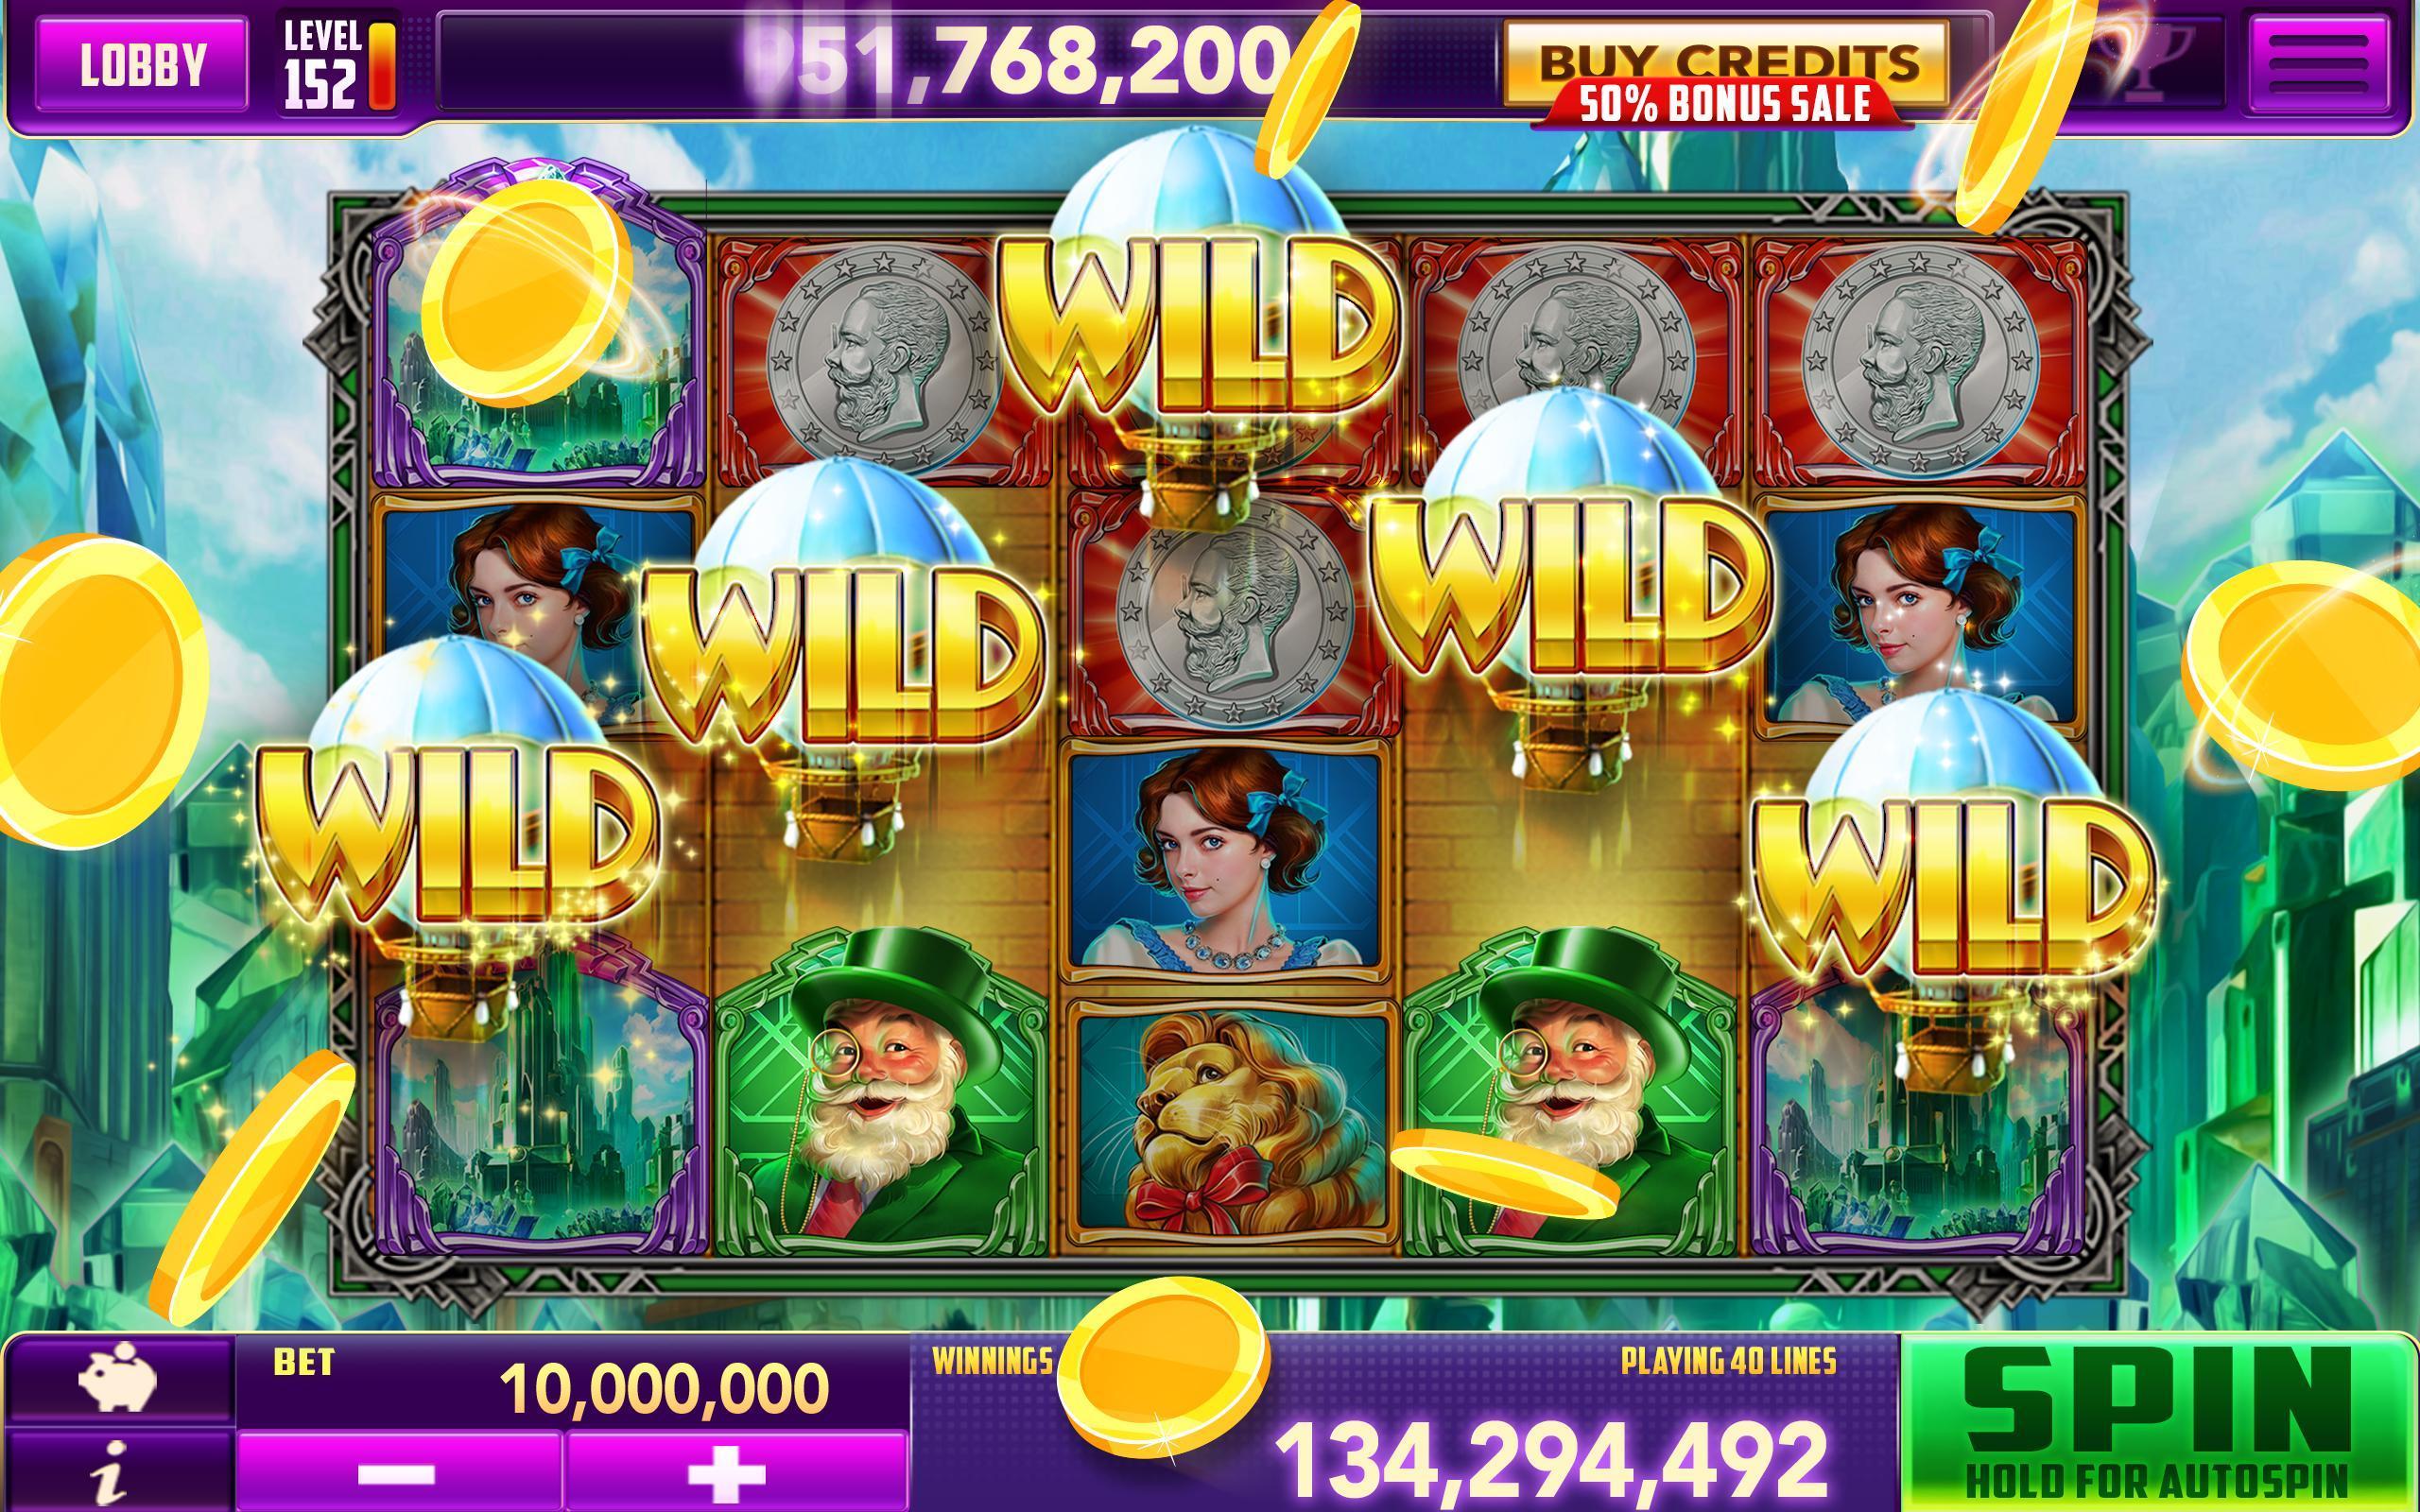 Казино игровые автоматы бонусы официант казино москва